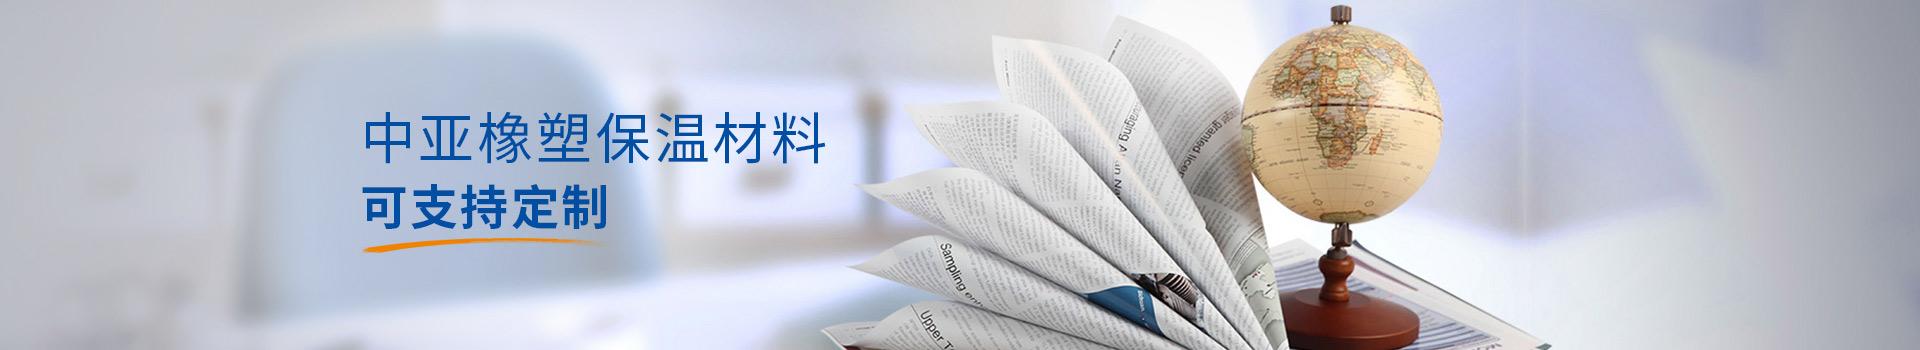 中亚新闻动态